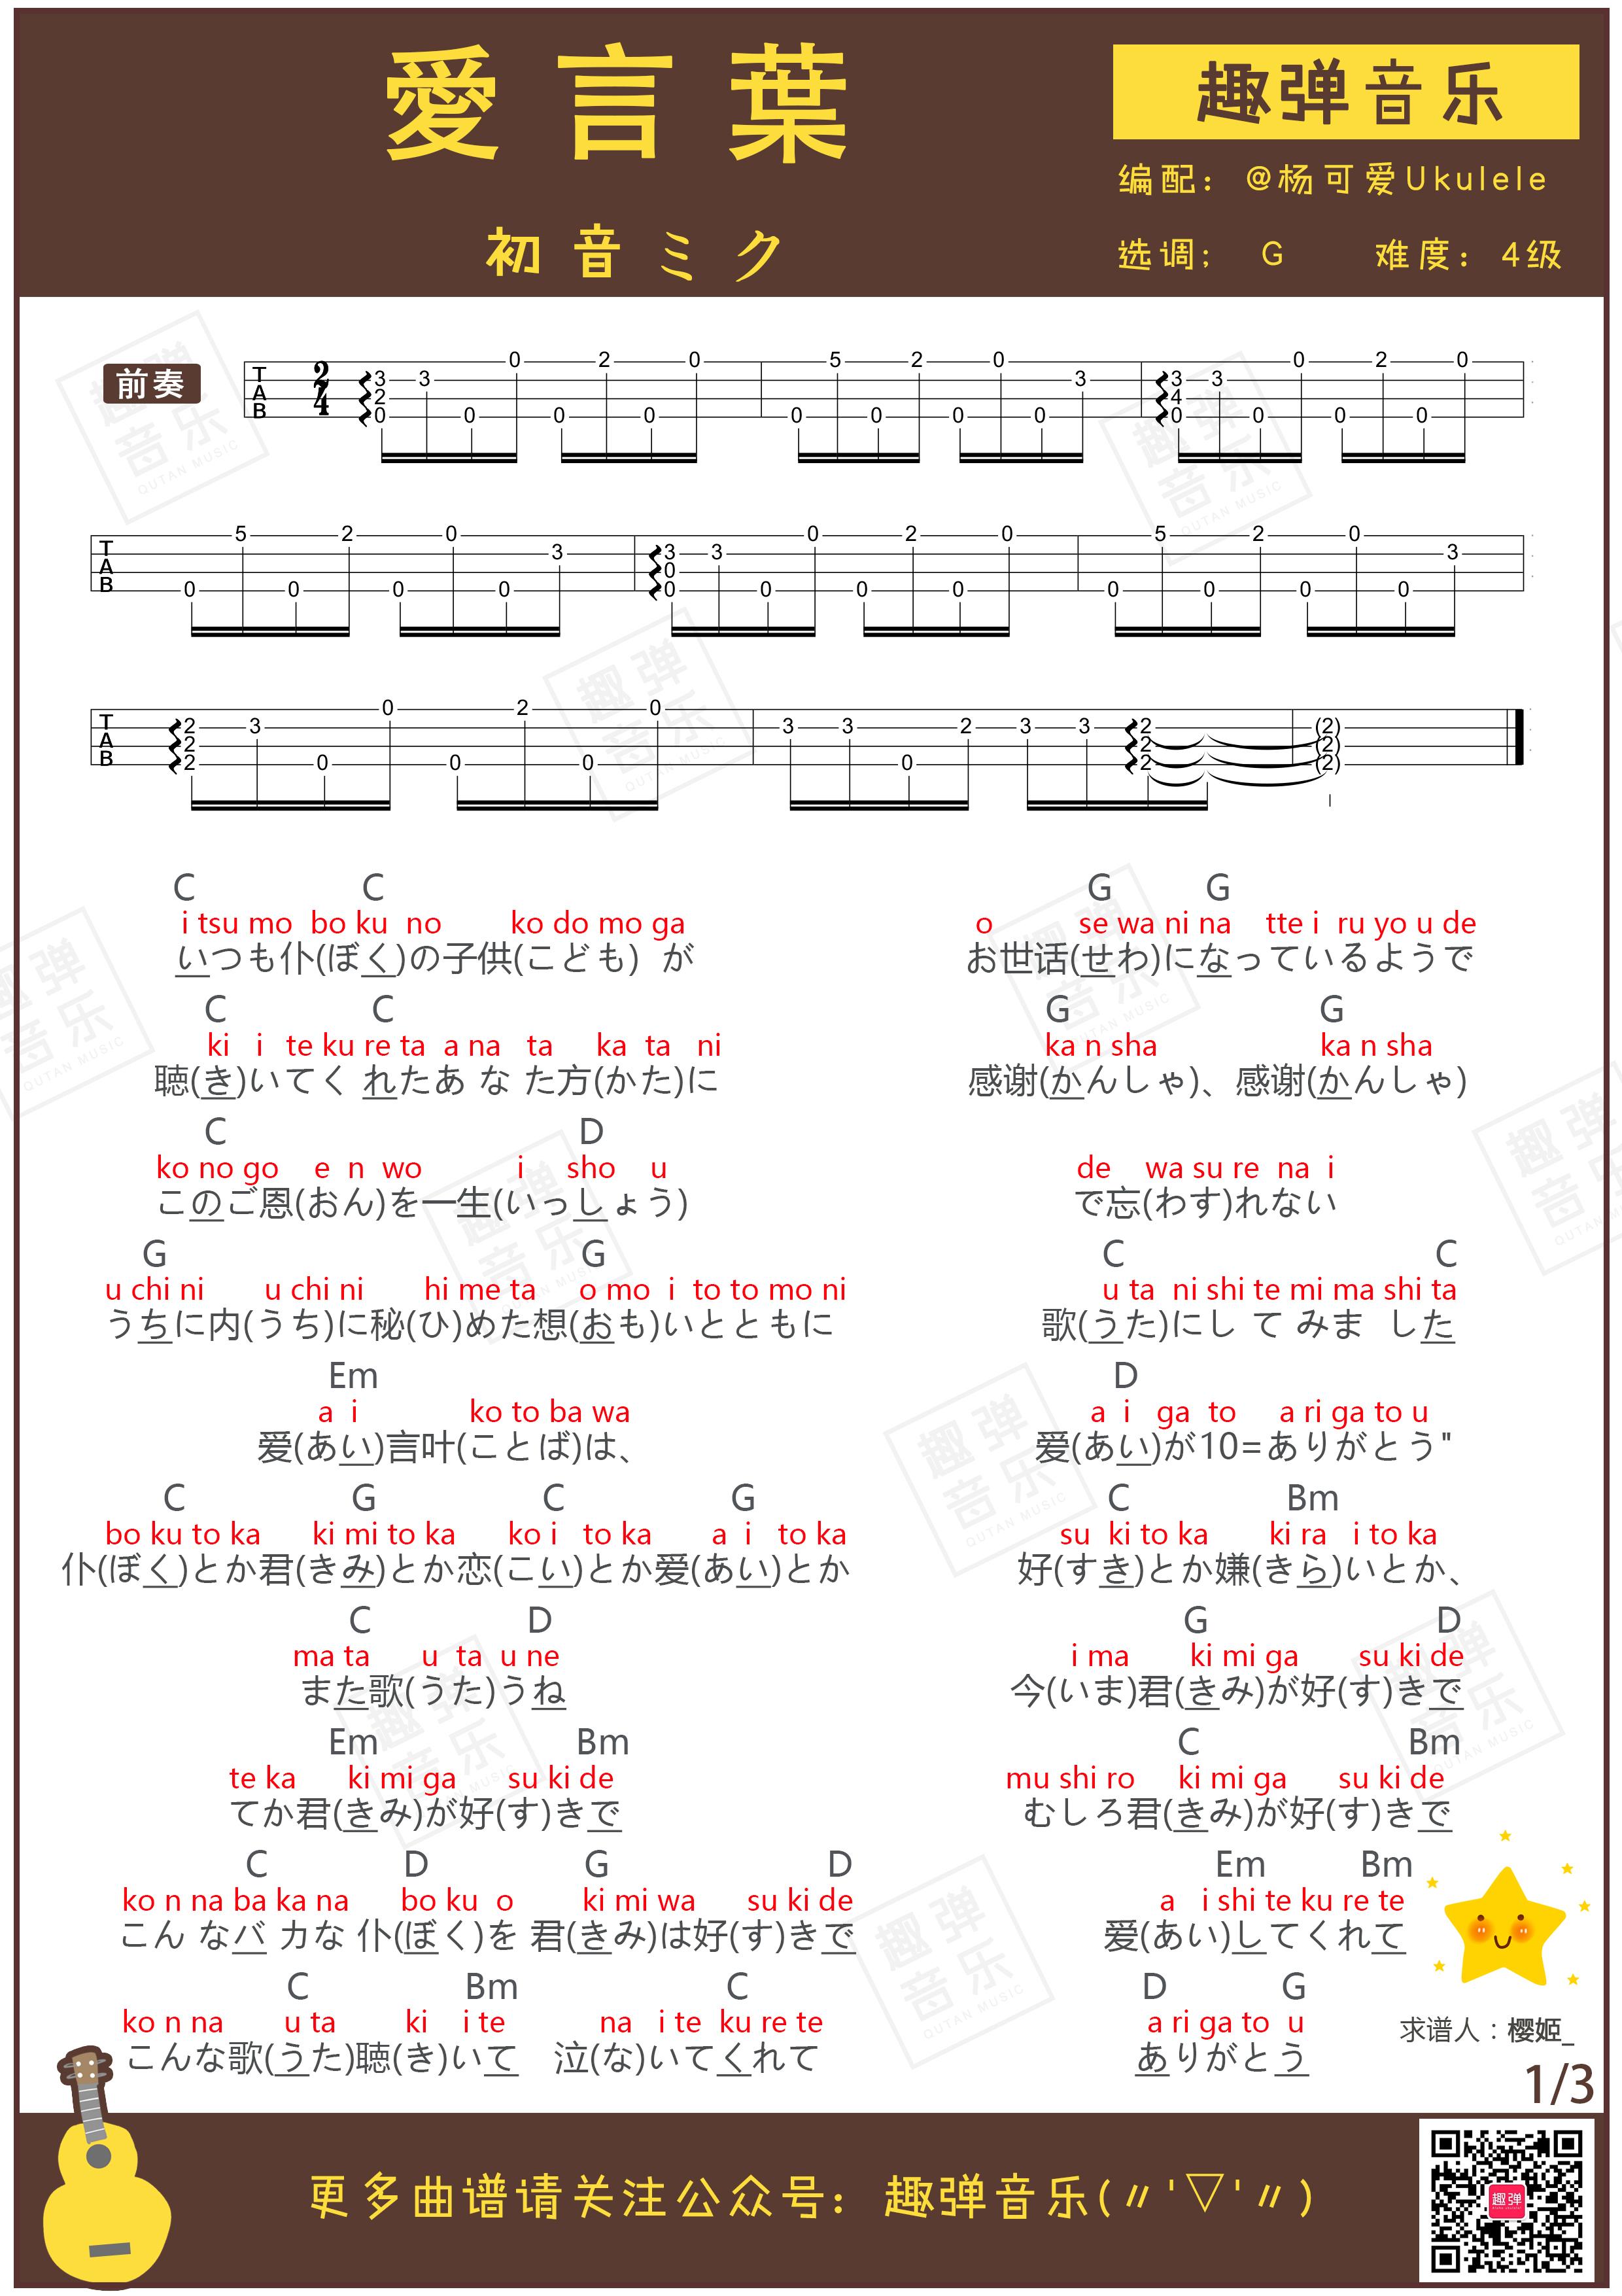 《爱言叶》初音未来 尤克里里曲谱